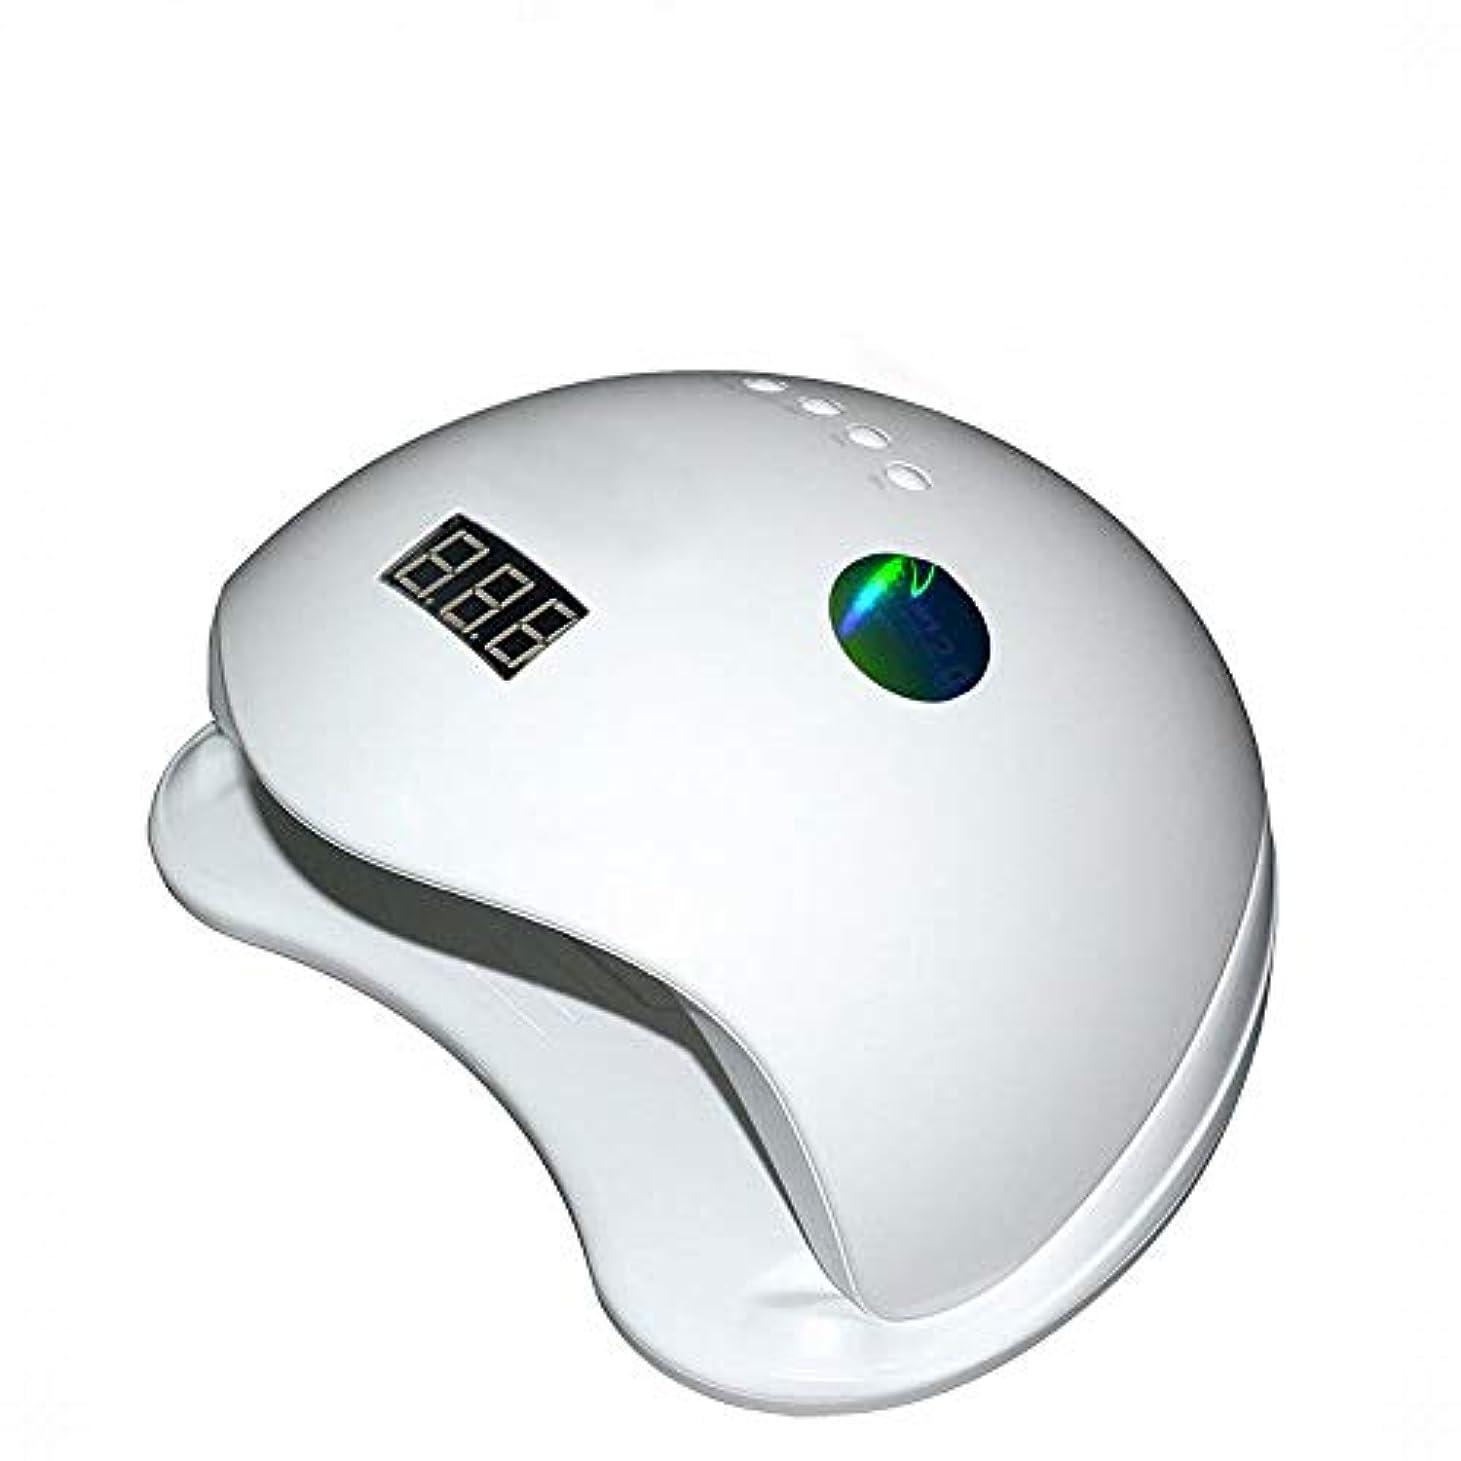 爆発する厳しいまあYESONEEP ネイル光線療法ランプ48WネイルドライヤーLED UV硬化乾燥ネイルランプ (Size : 48W)